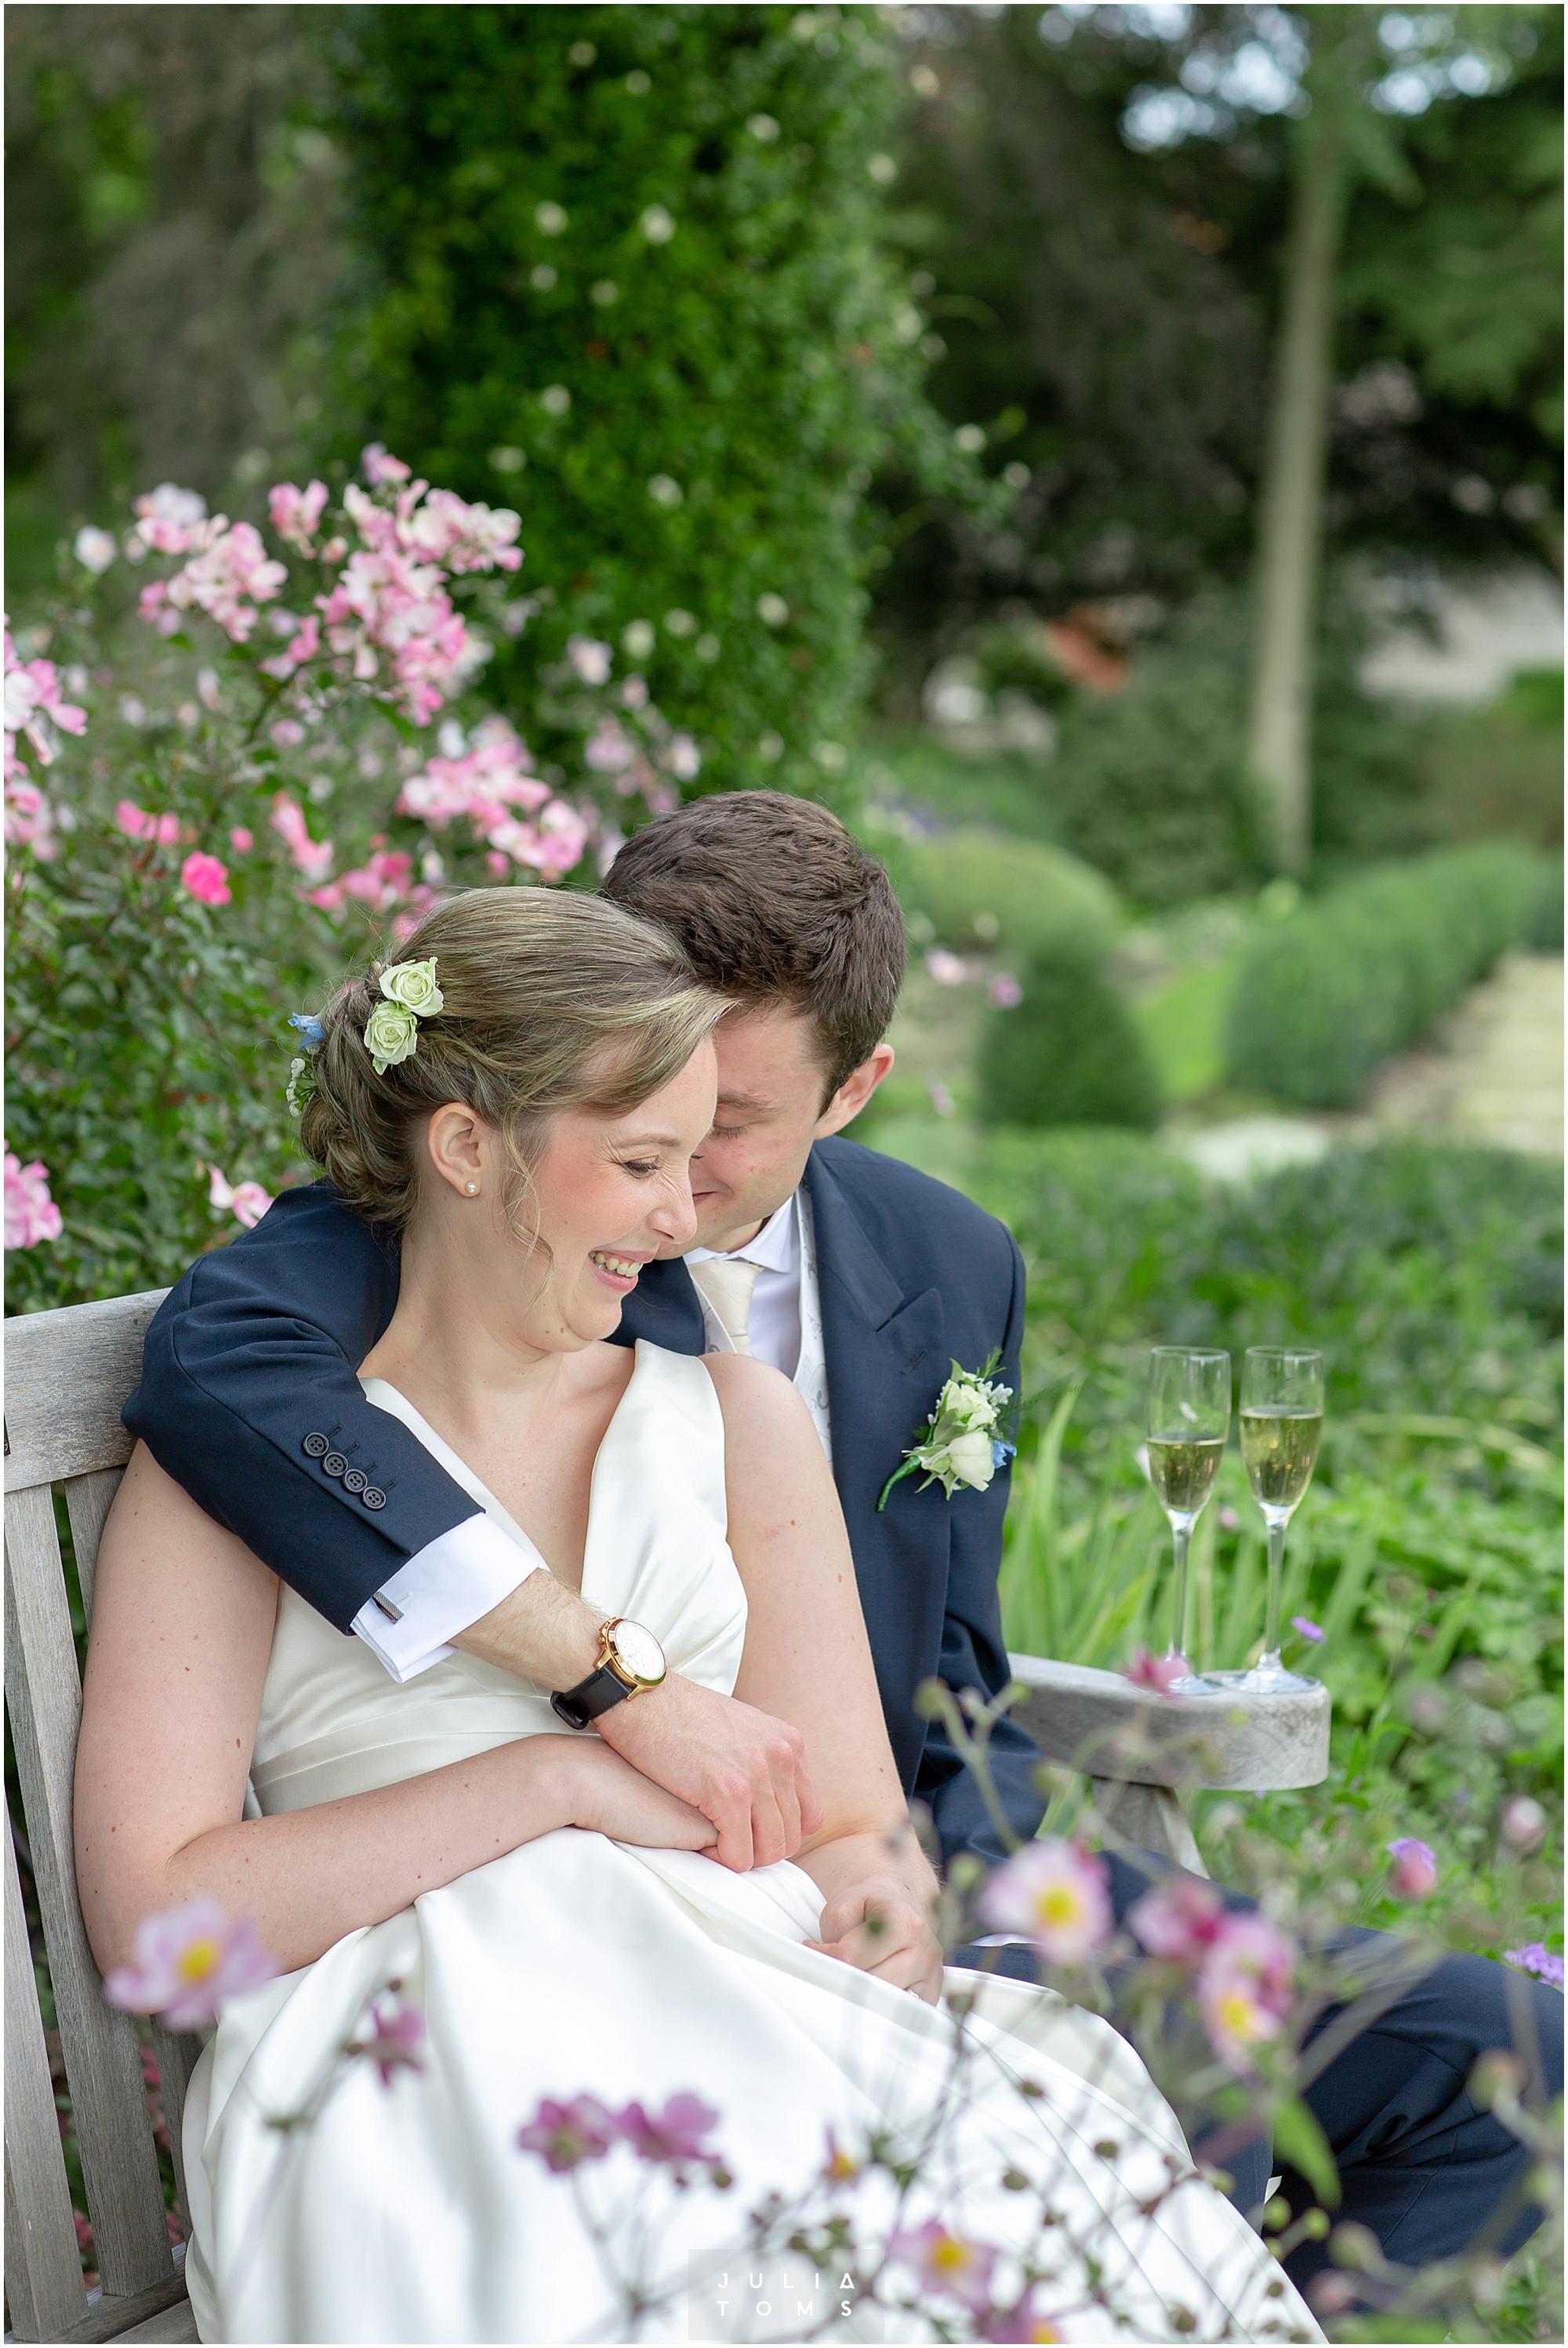 westsussex_wedding_photographer_westdean_078.jpg